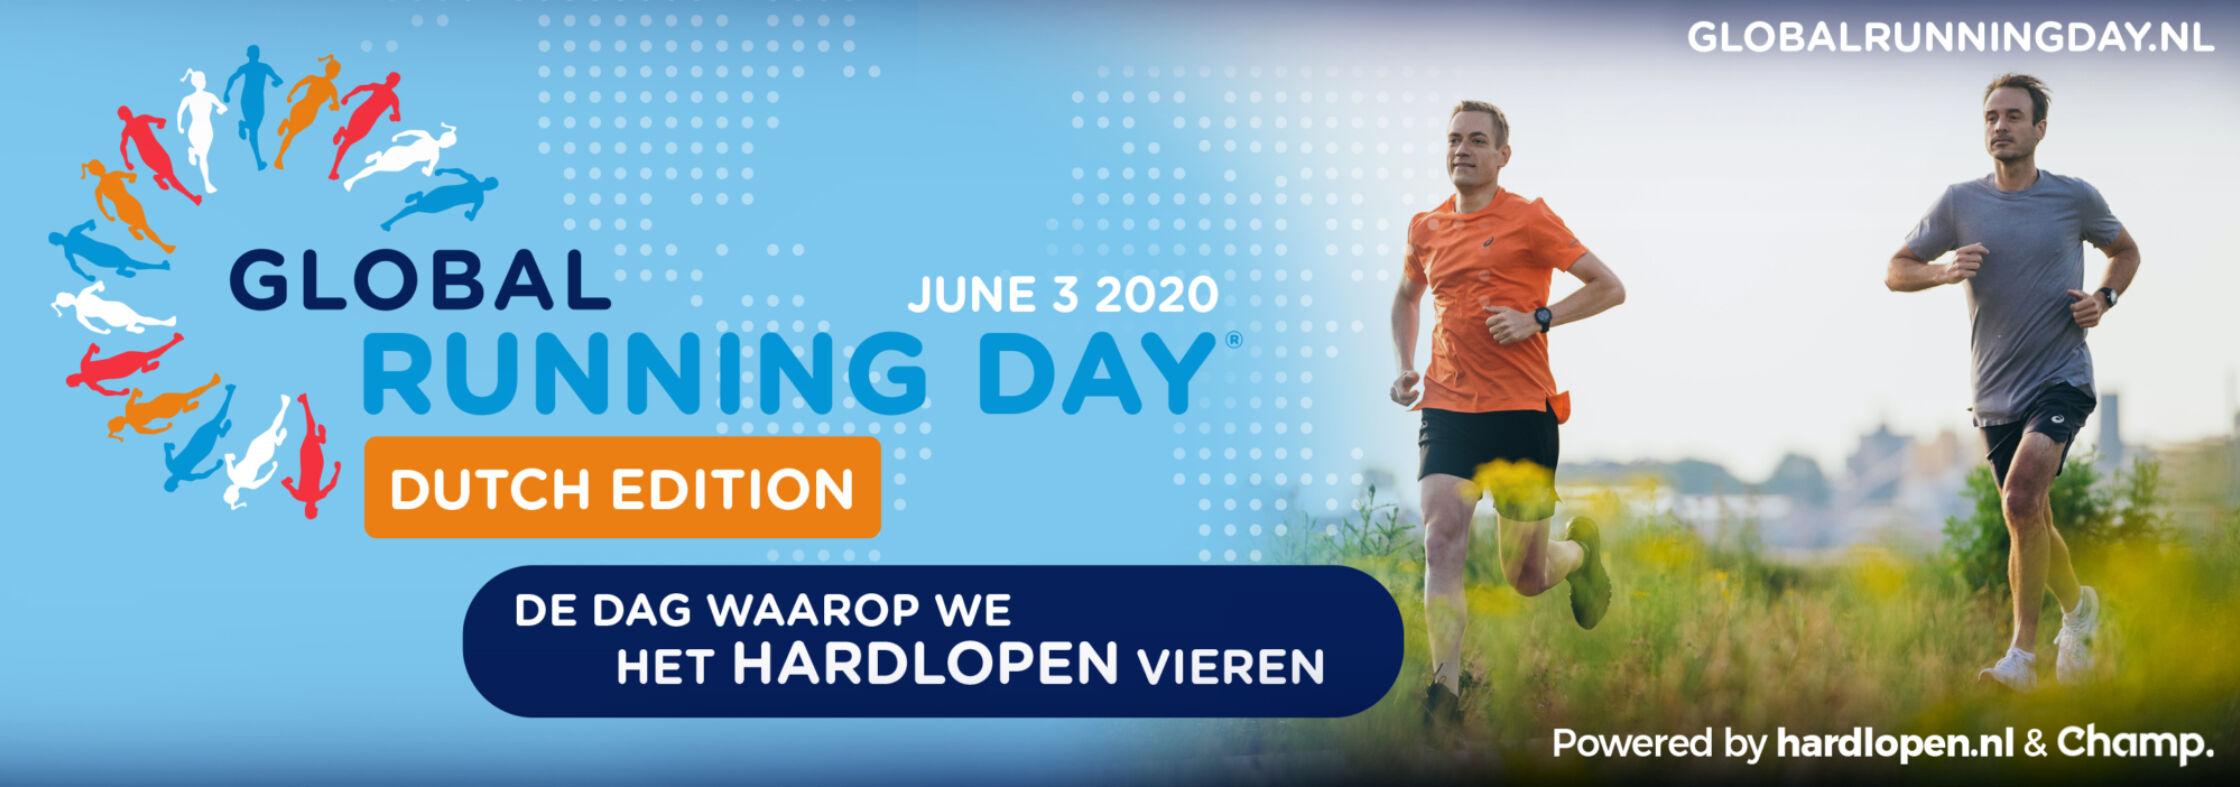 Heel Nederland in beweging op Global Running Day!